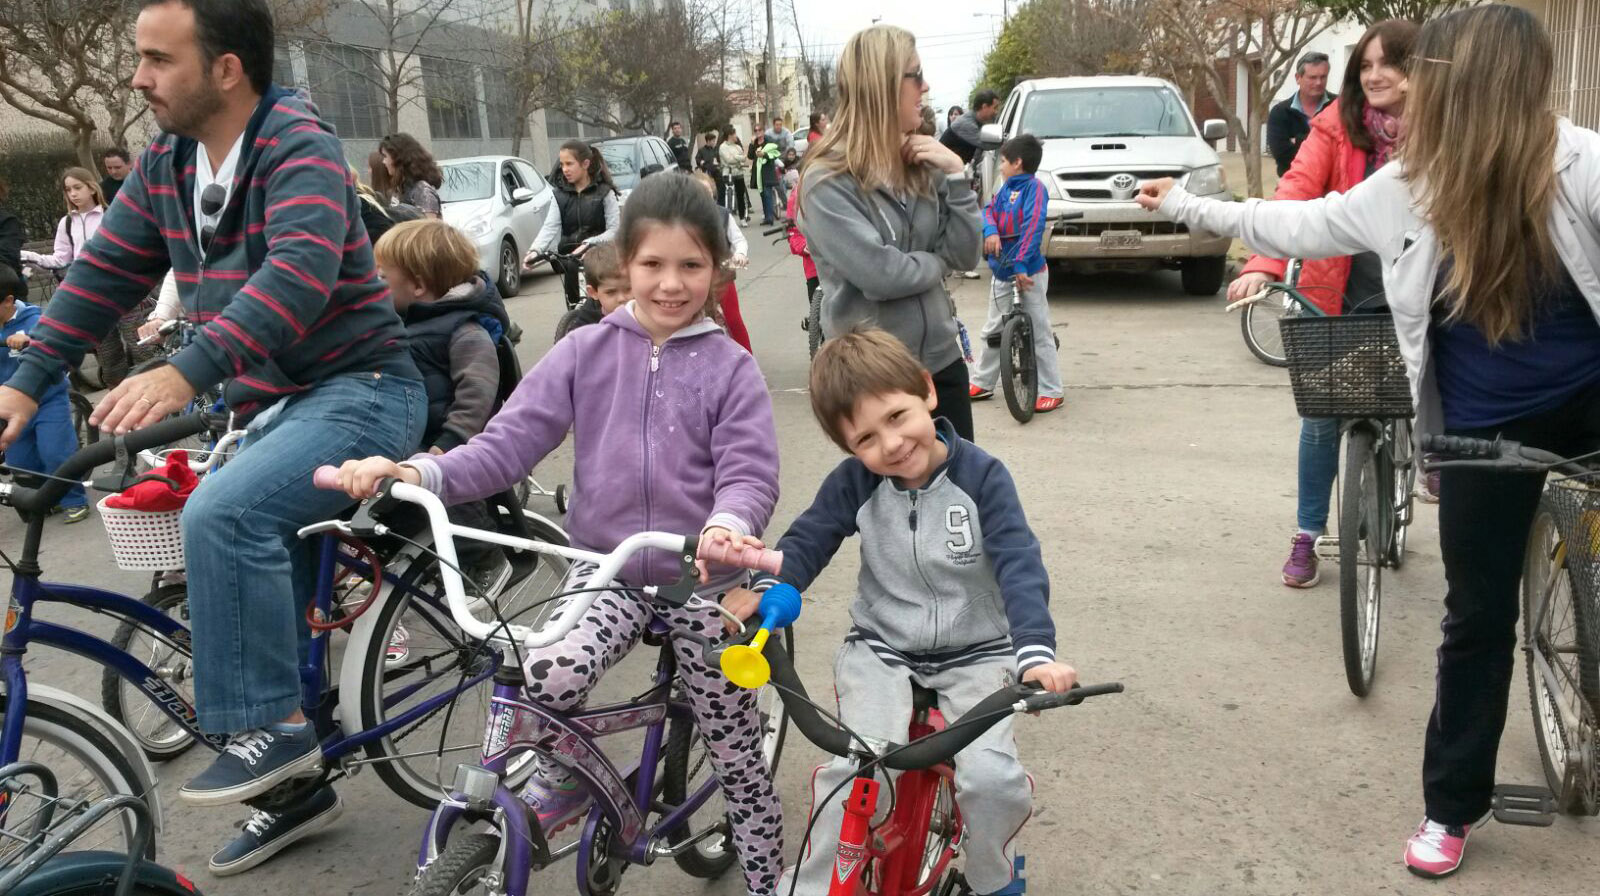 Los marianistas realizaron su tradicional bicicleteada